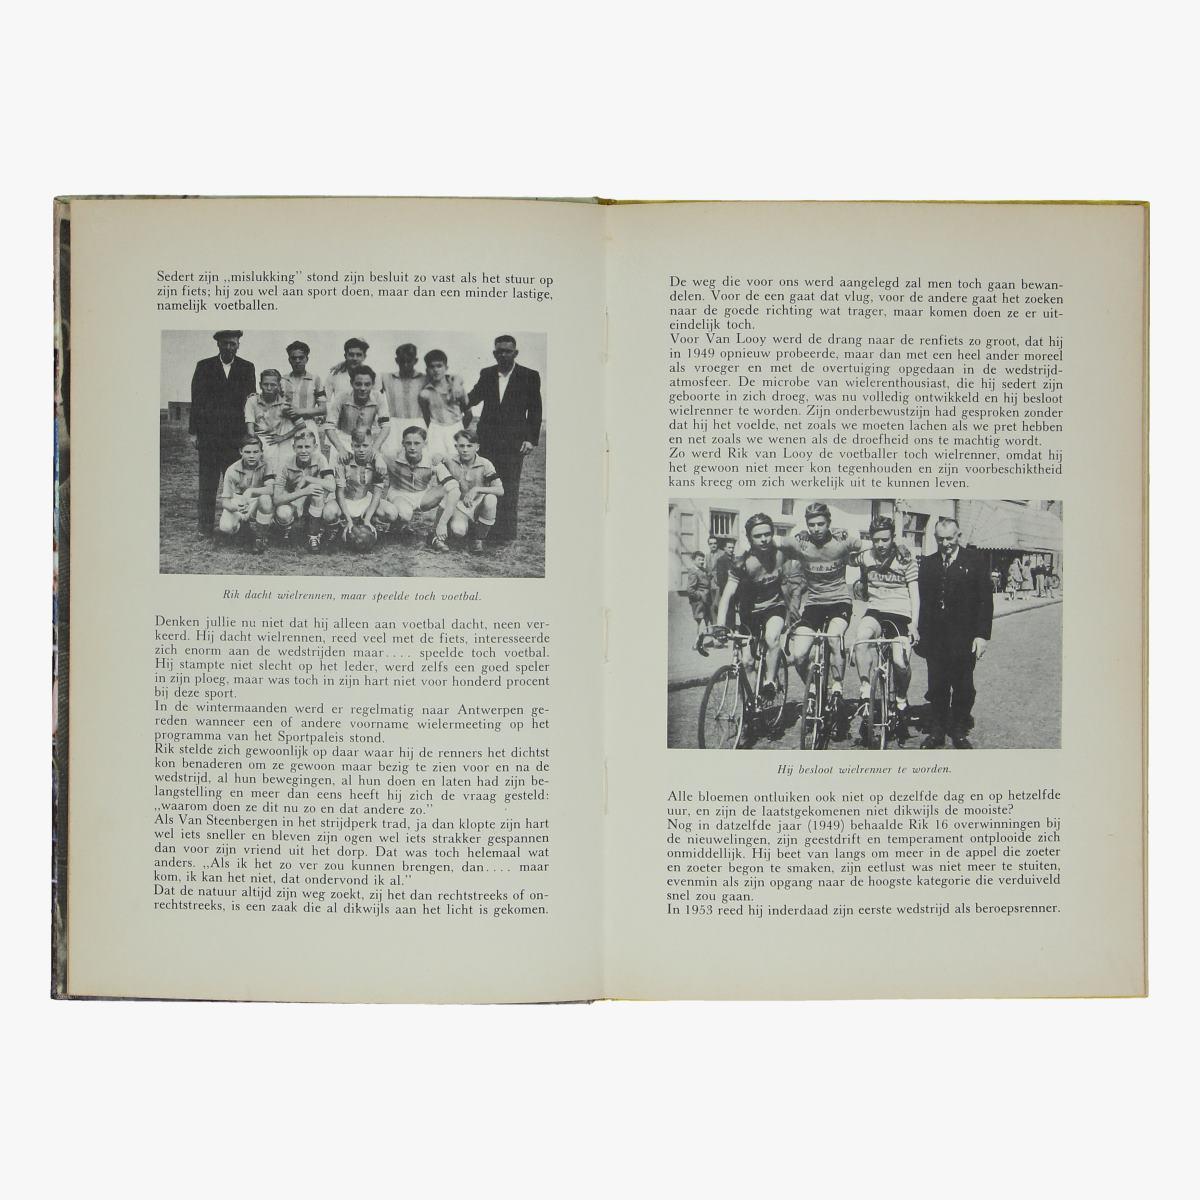 Afbeeldingen van wielrennen boek Rik Van Looy door Fred De Bruyne